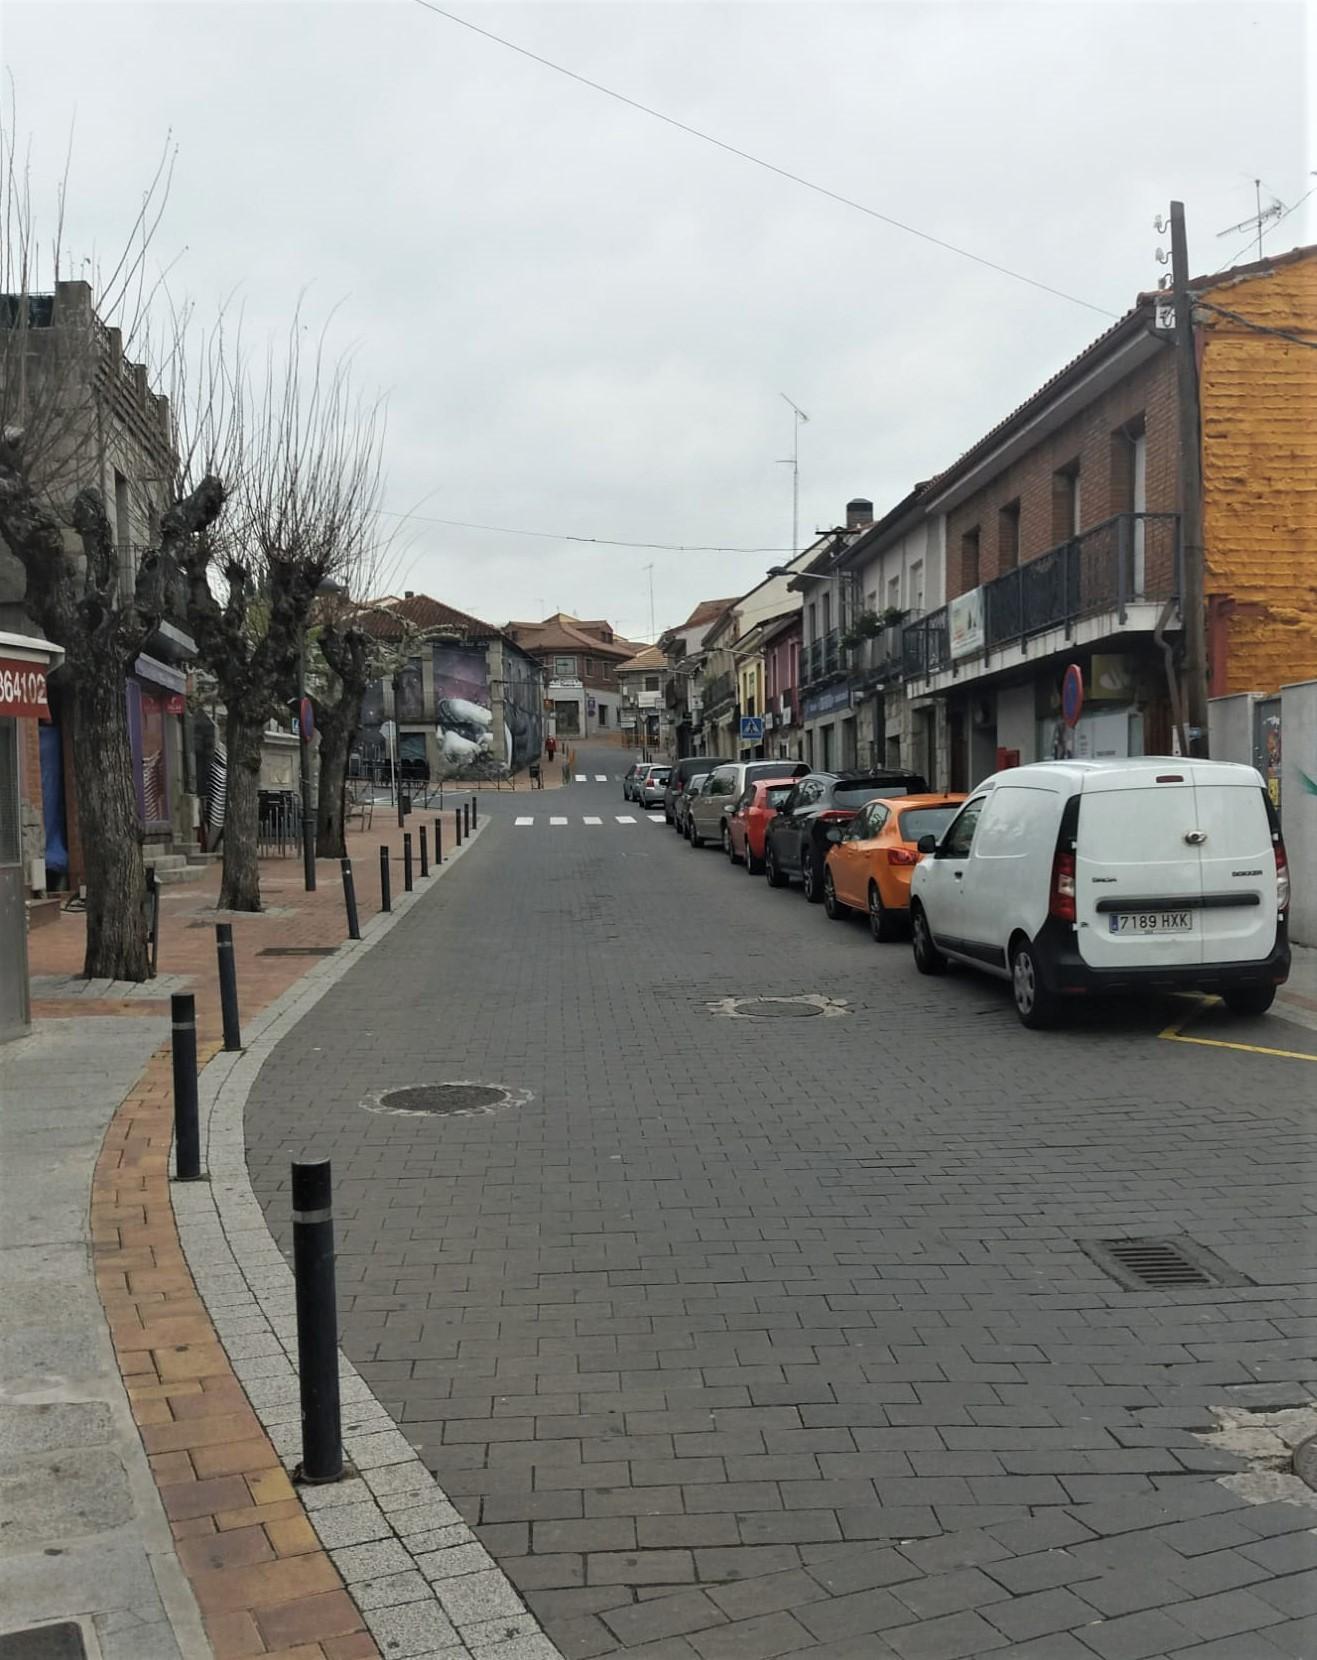 La Junta de Portavoces analiza el desarrollo del Plan de Contingencia  así como el resto de propuestas de los distintos grupos municipales, ante la crisis sanitaria del coronavirus en Valdemorillo